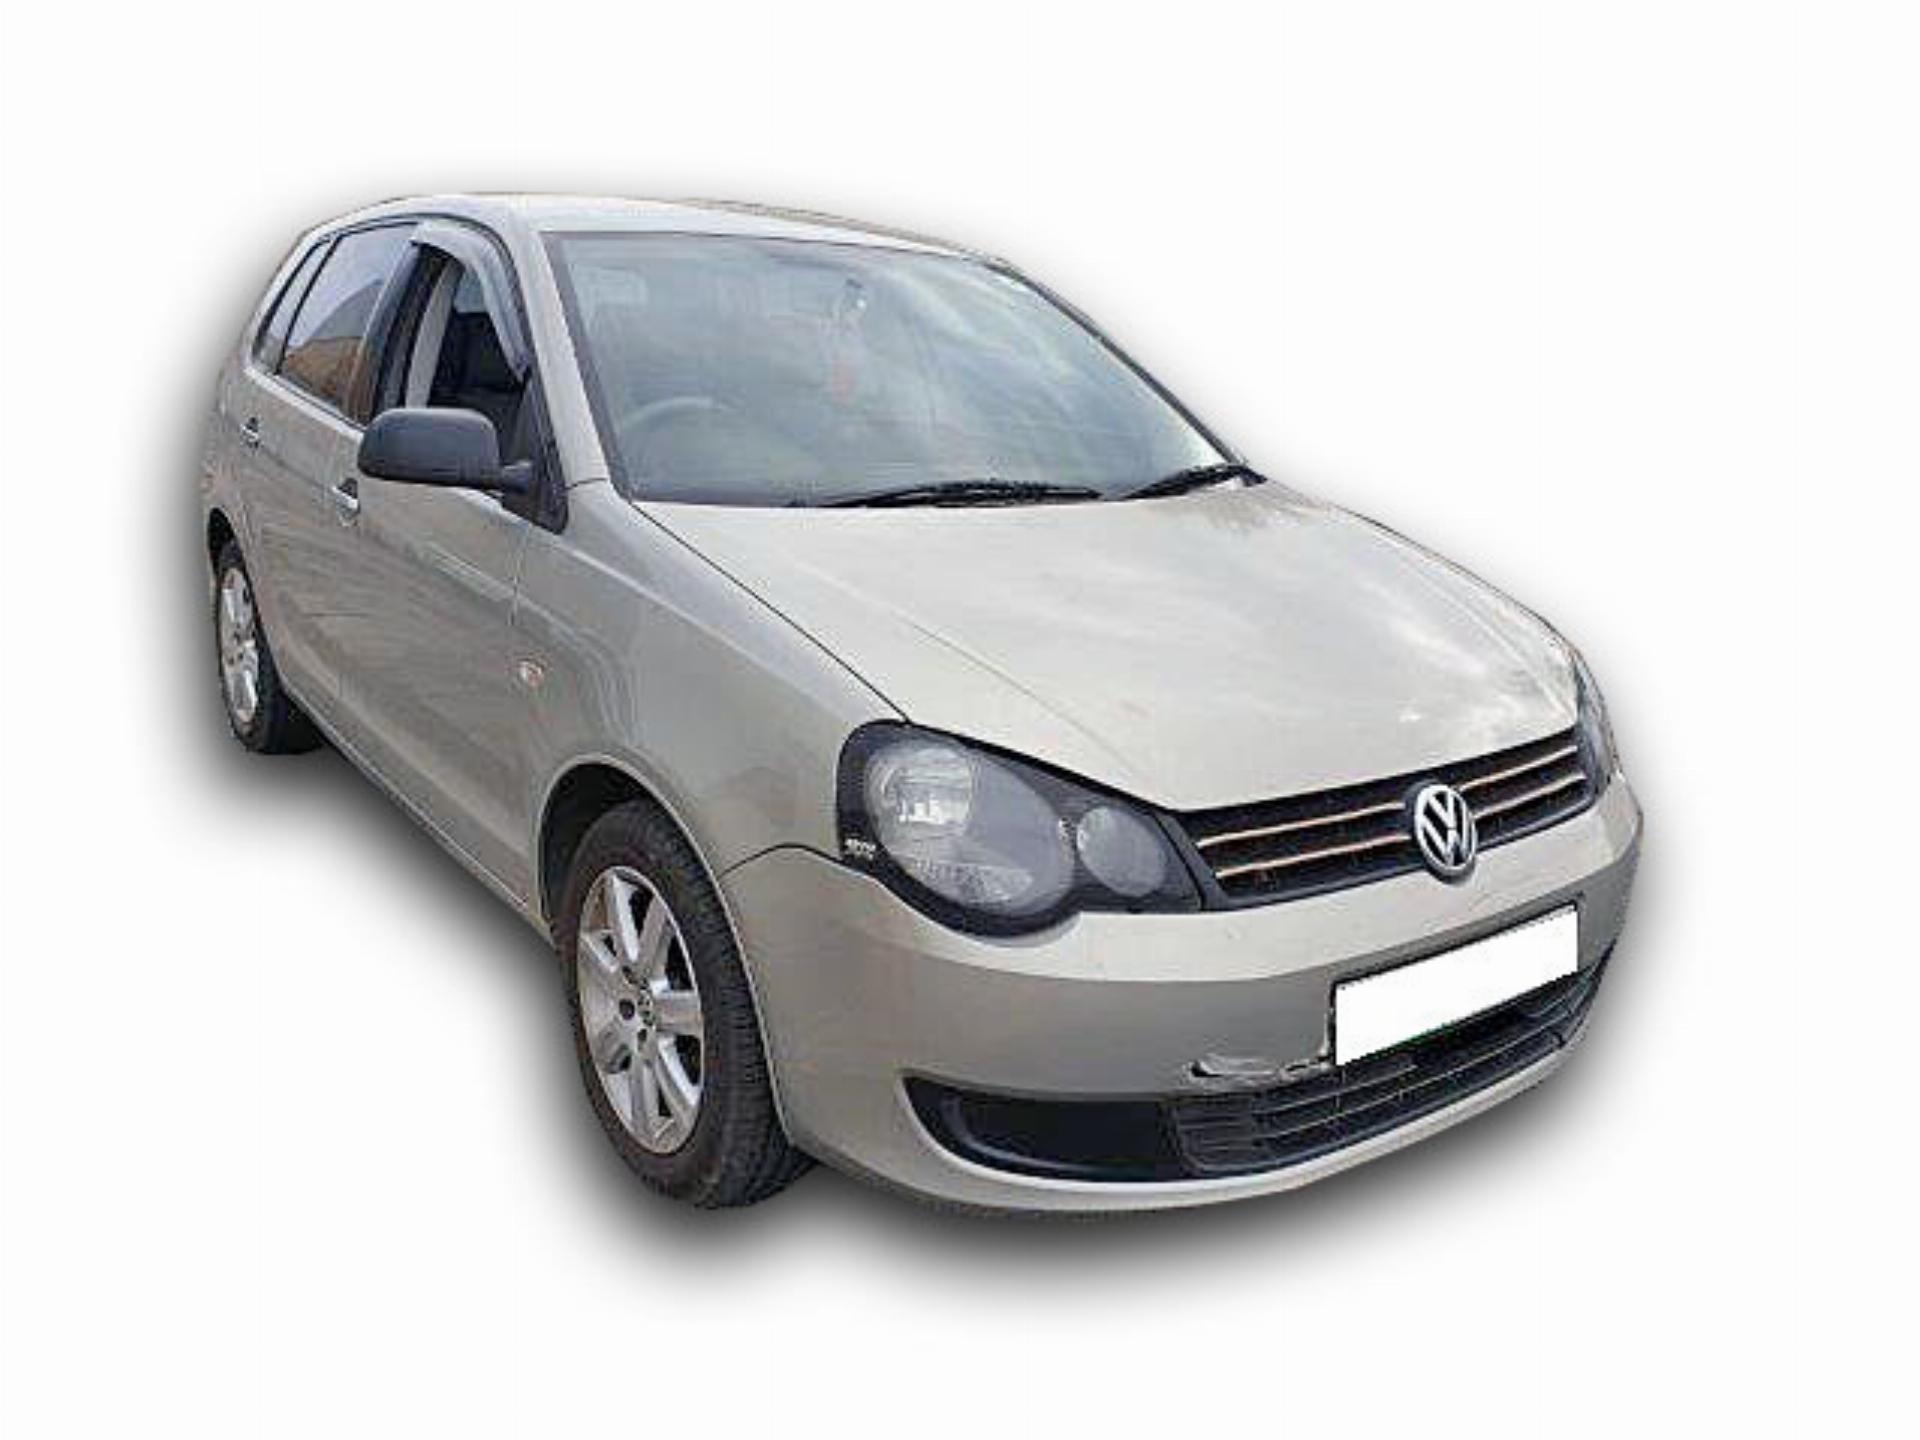 VW VE Polo Vivo 1.4